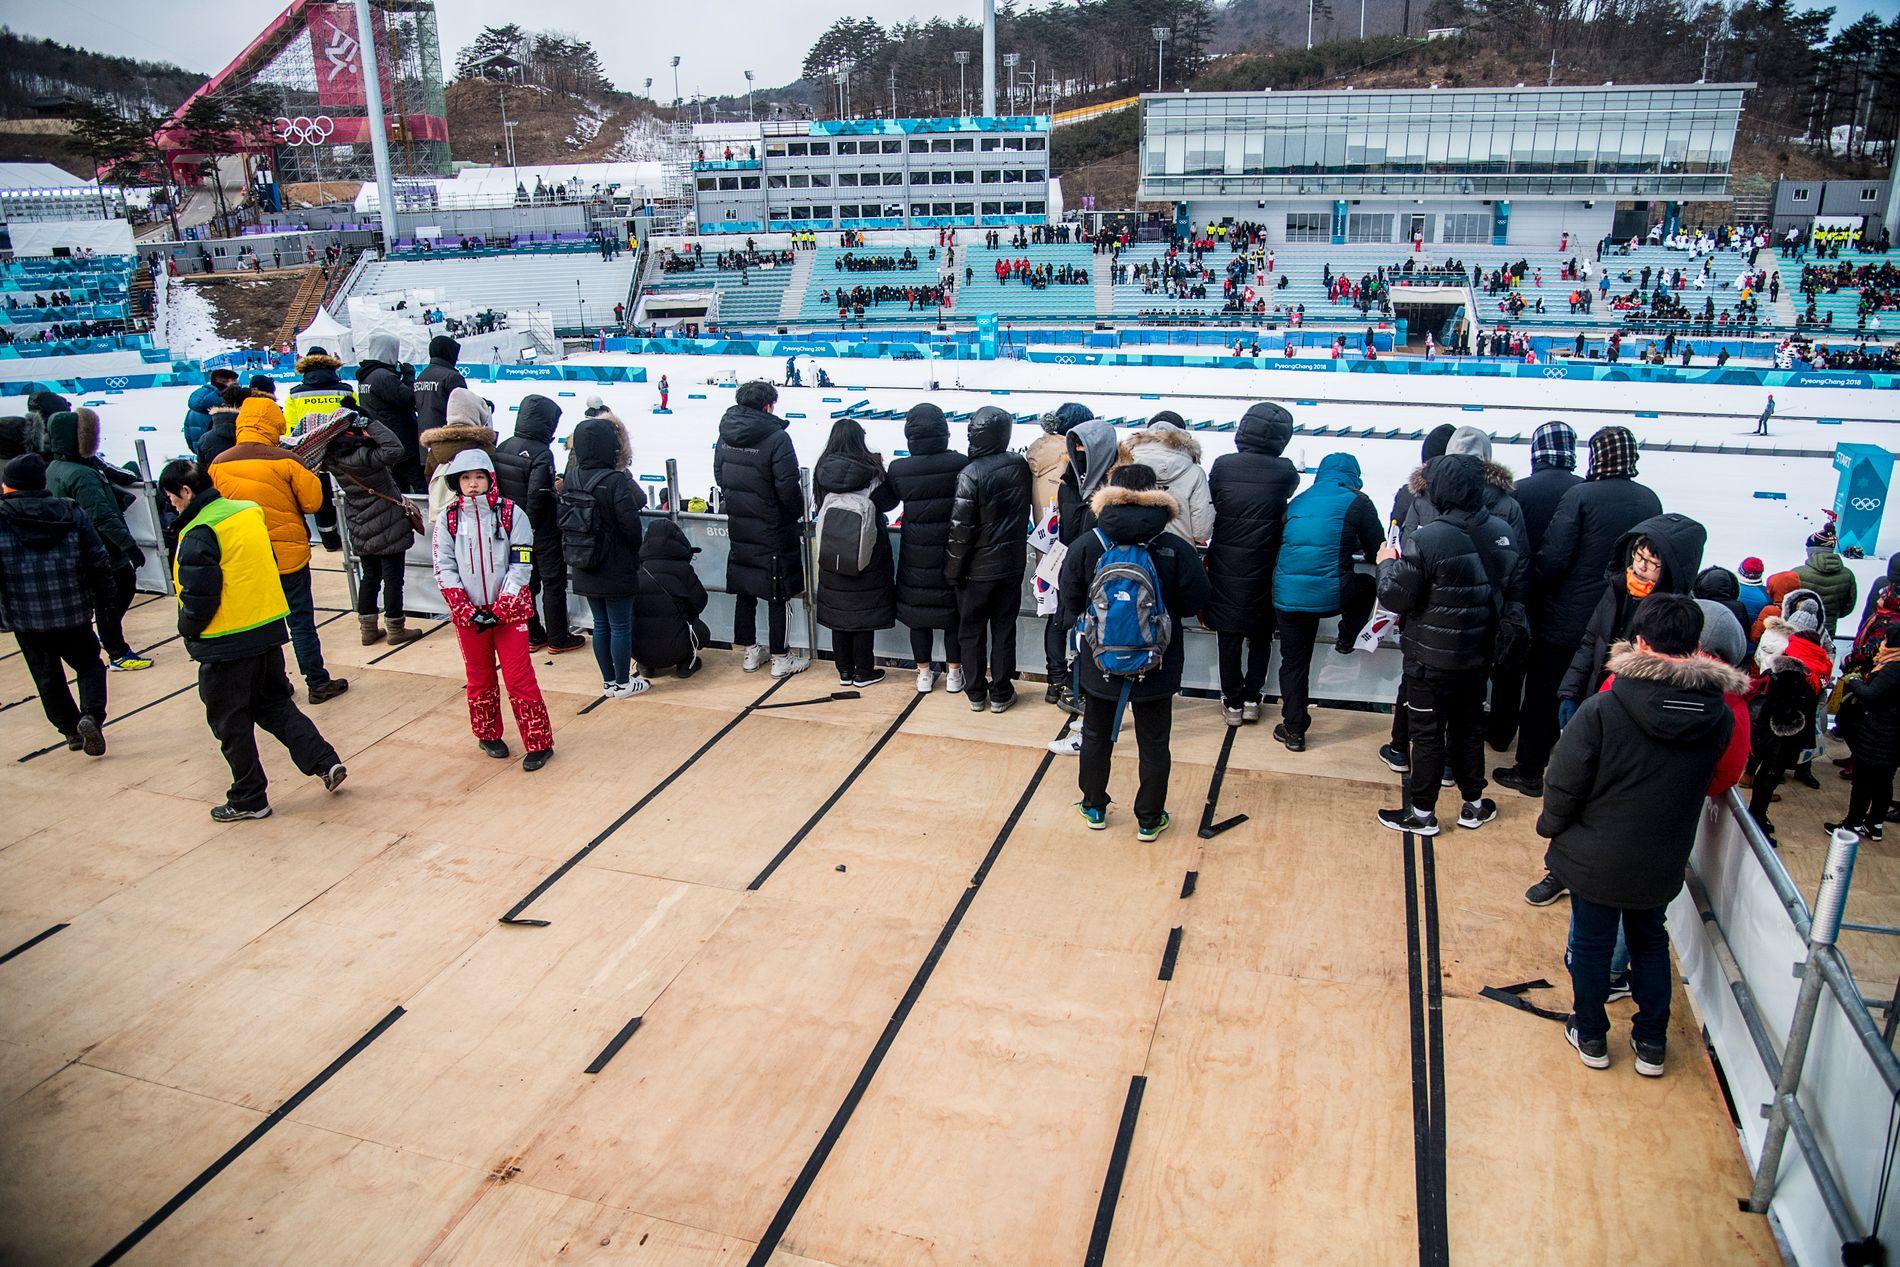 GLISSENT: Slik så det ut «bak kulissene» under herrenes 30 kilometer på søndag. Her fra en av tribunene inne på selve stadion.